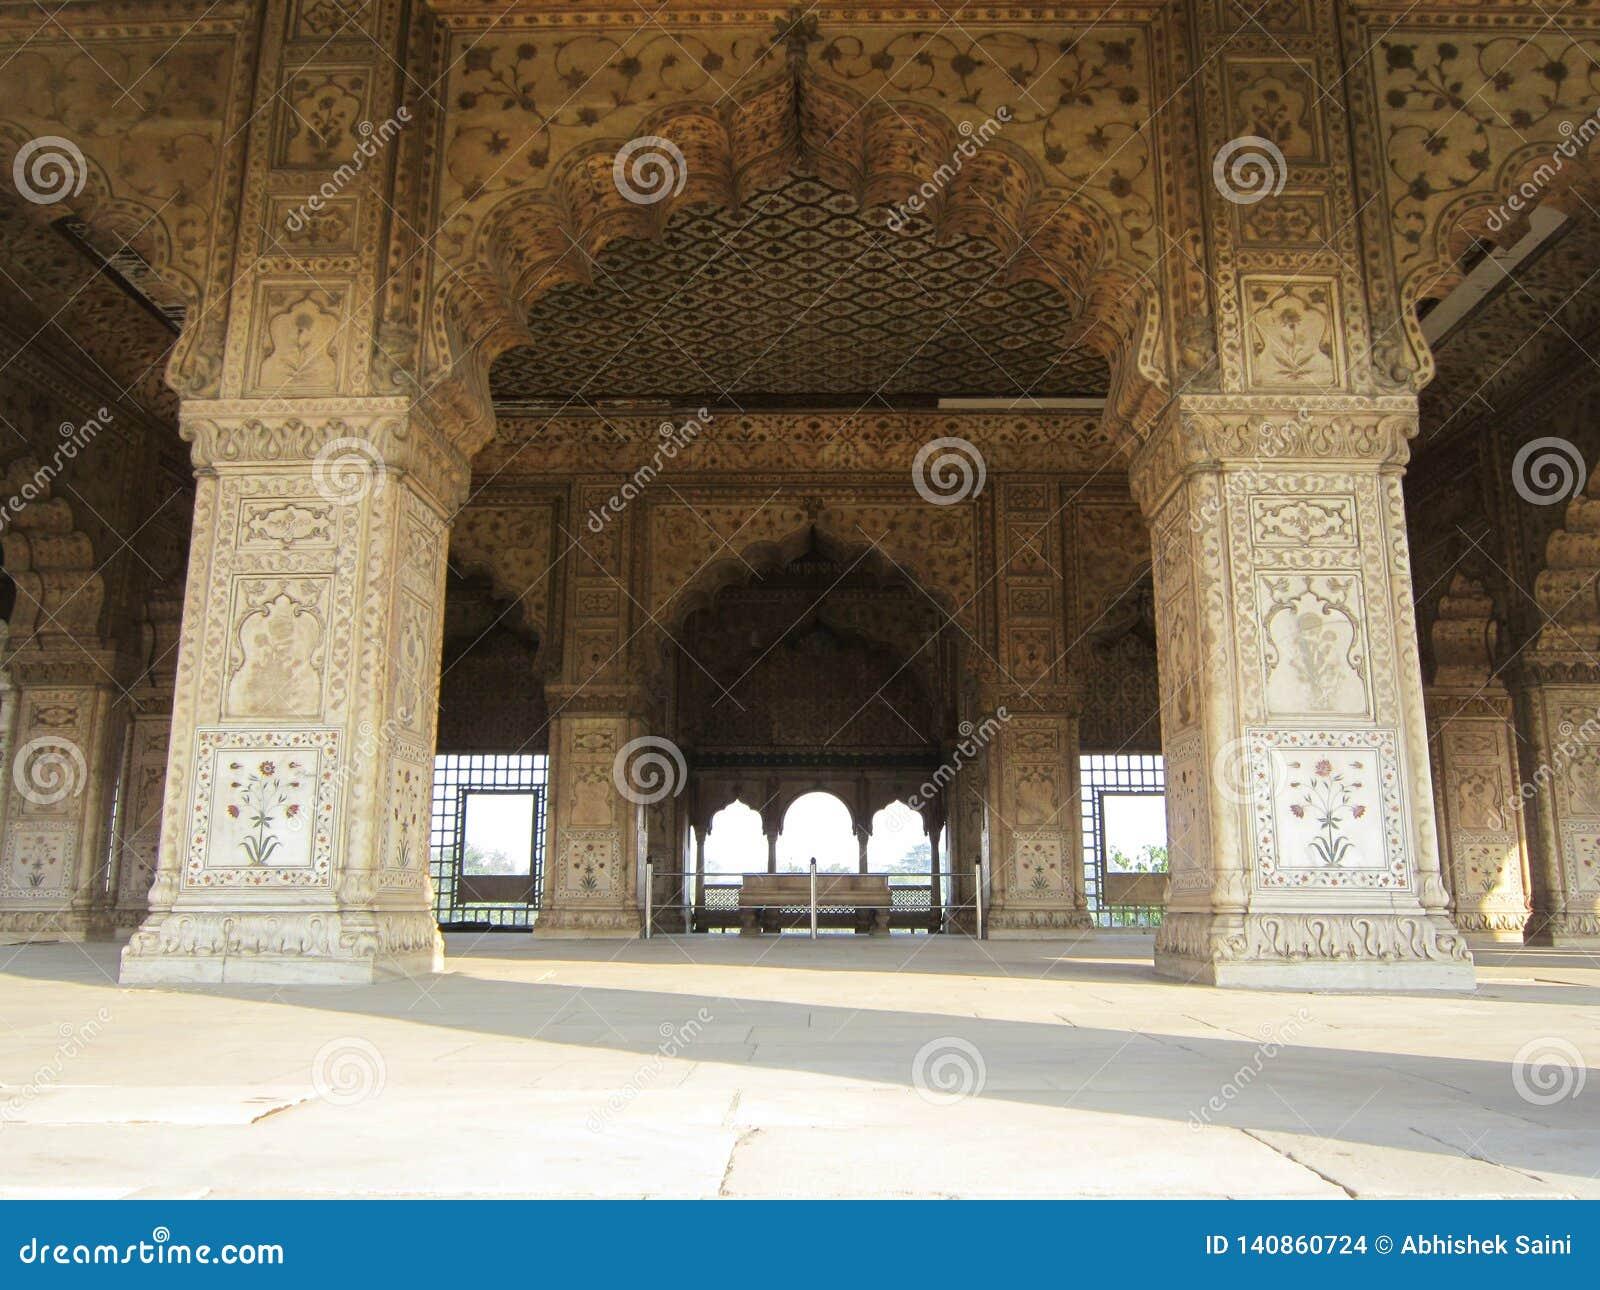 Nueva Deli, la India - enero de 2019: Los detalles de tallas complejas alrededor sonaron Mahal dentro del fuerte rojo en Delhi